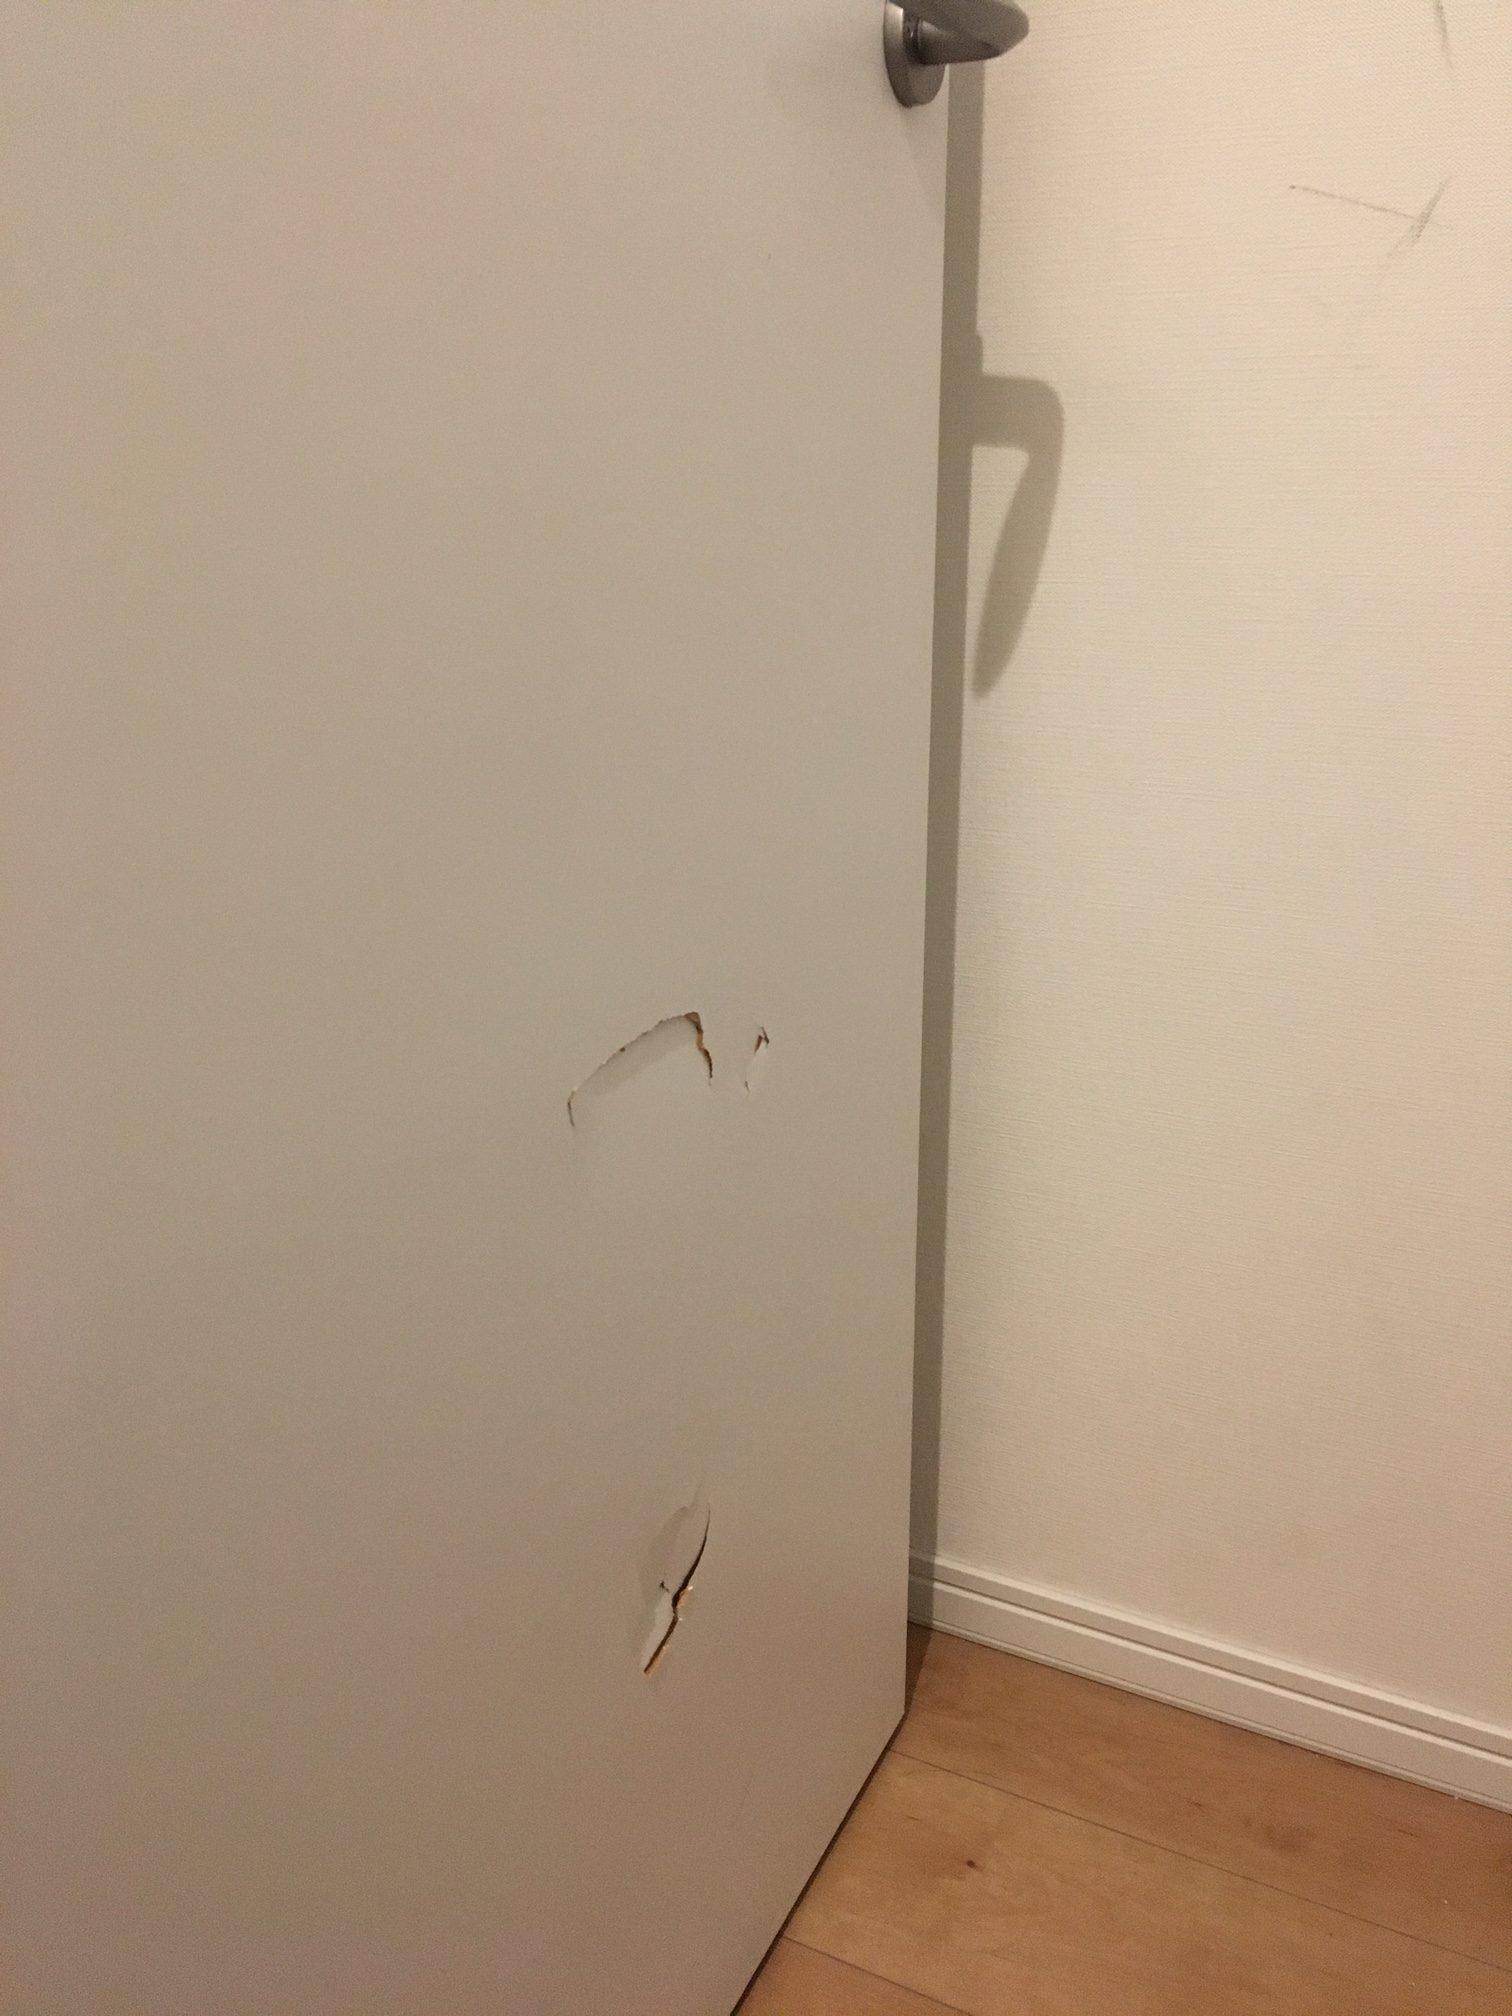 ドアの穴補修/リペア前